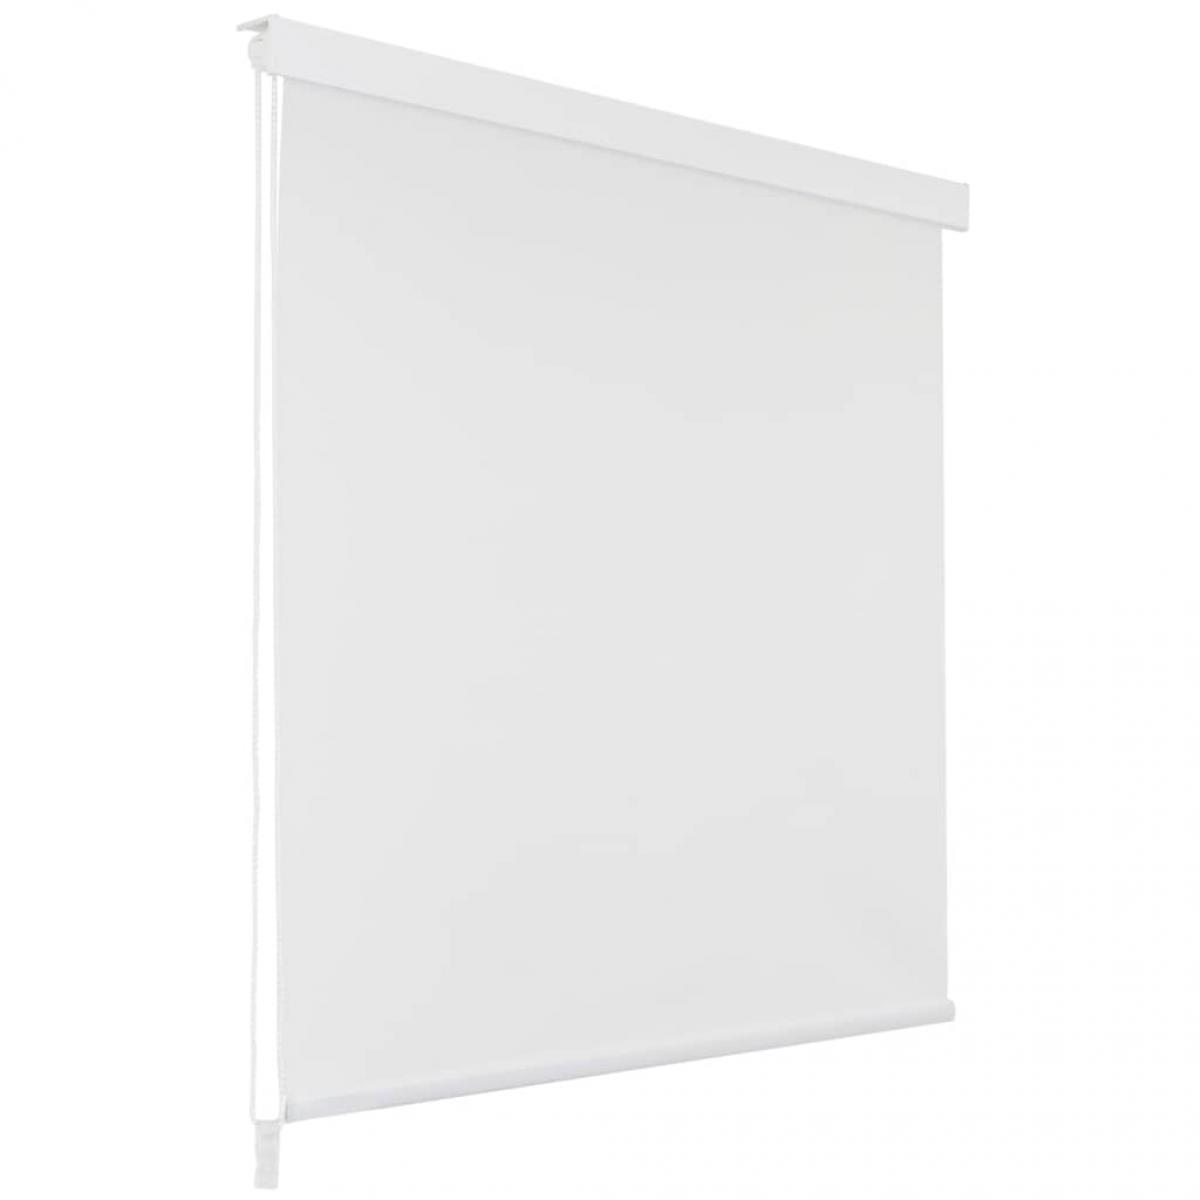 Vidaxl Store roulant de douche 100 x 240 cm Blanc - Maison et jardin/Accessoires de salle de bain/Rideaux de douche   Blanc - B